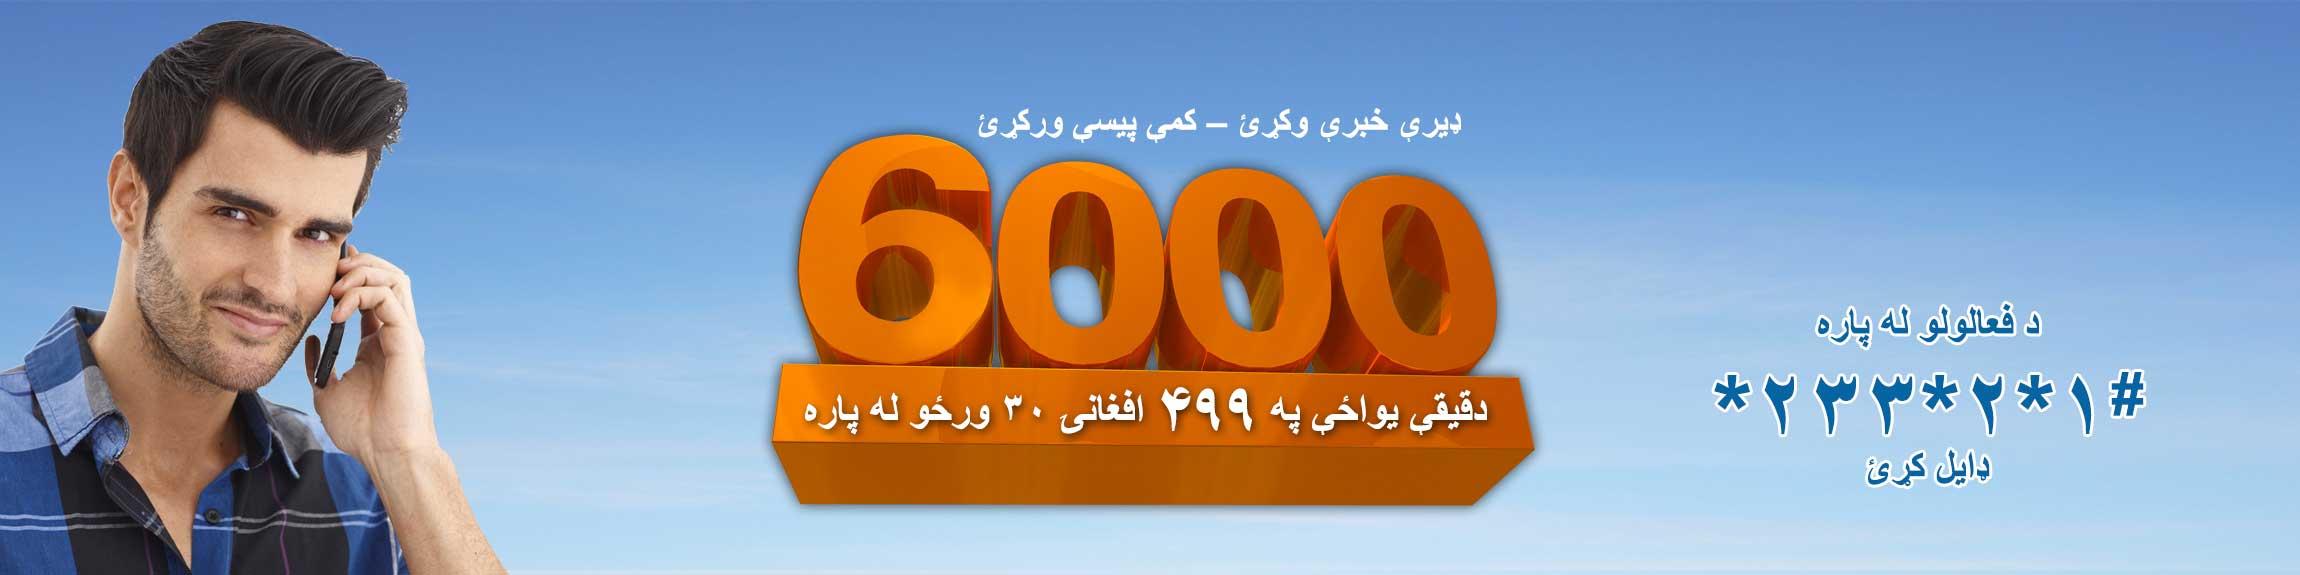 pashto-6000-for-website